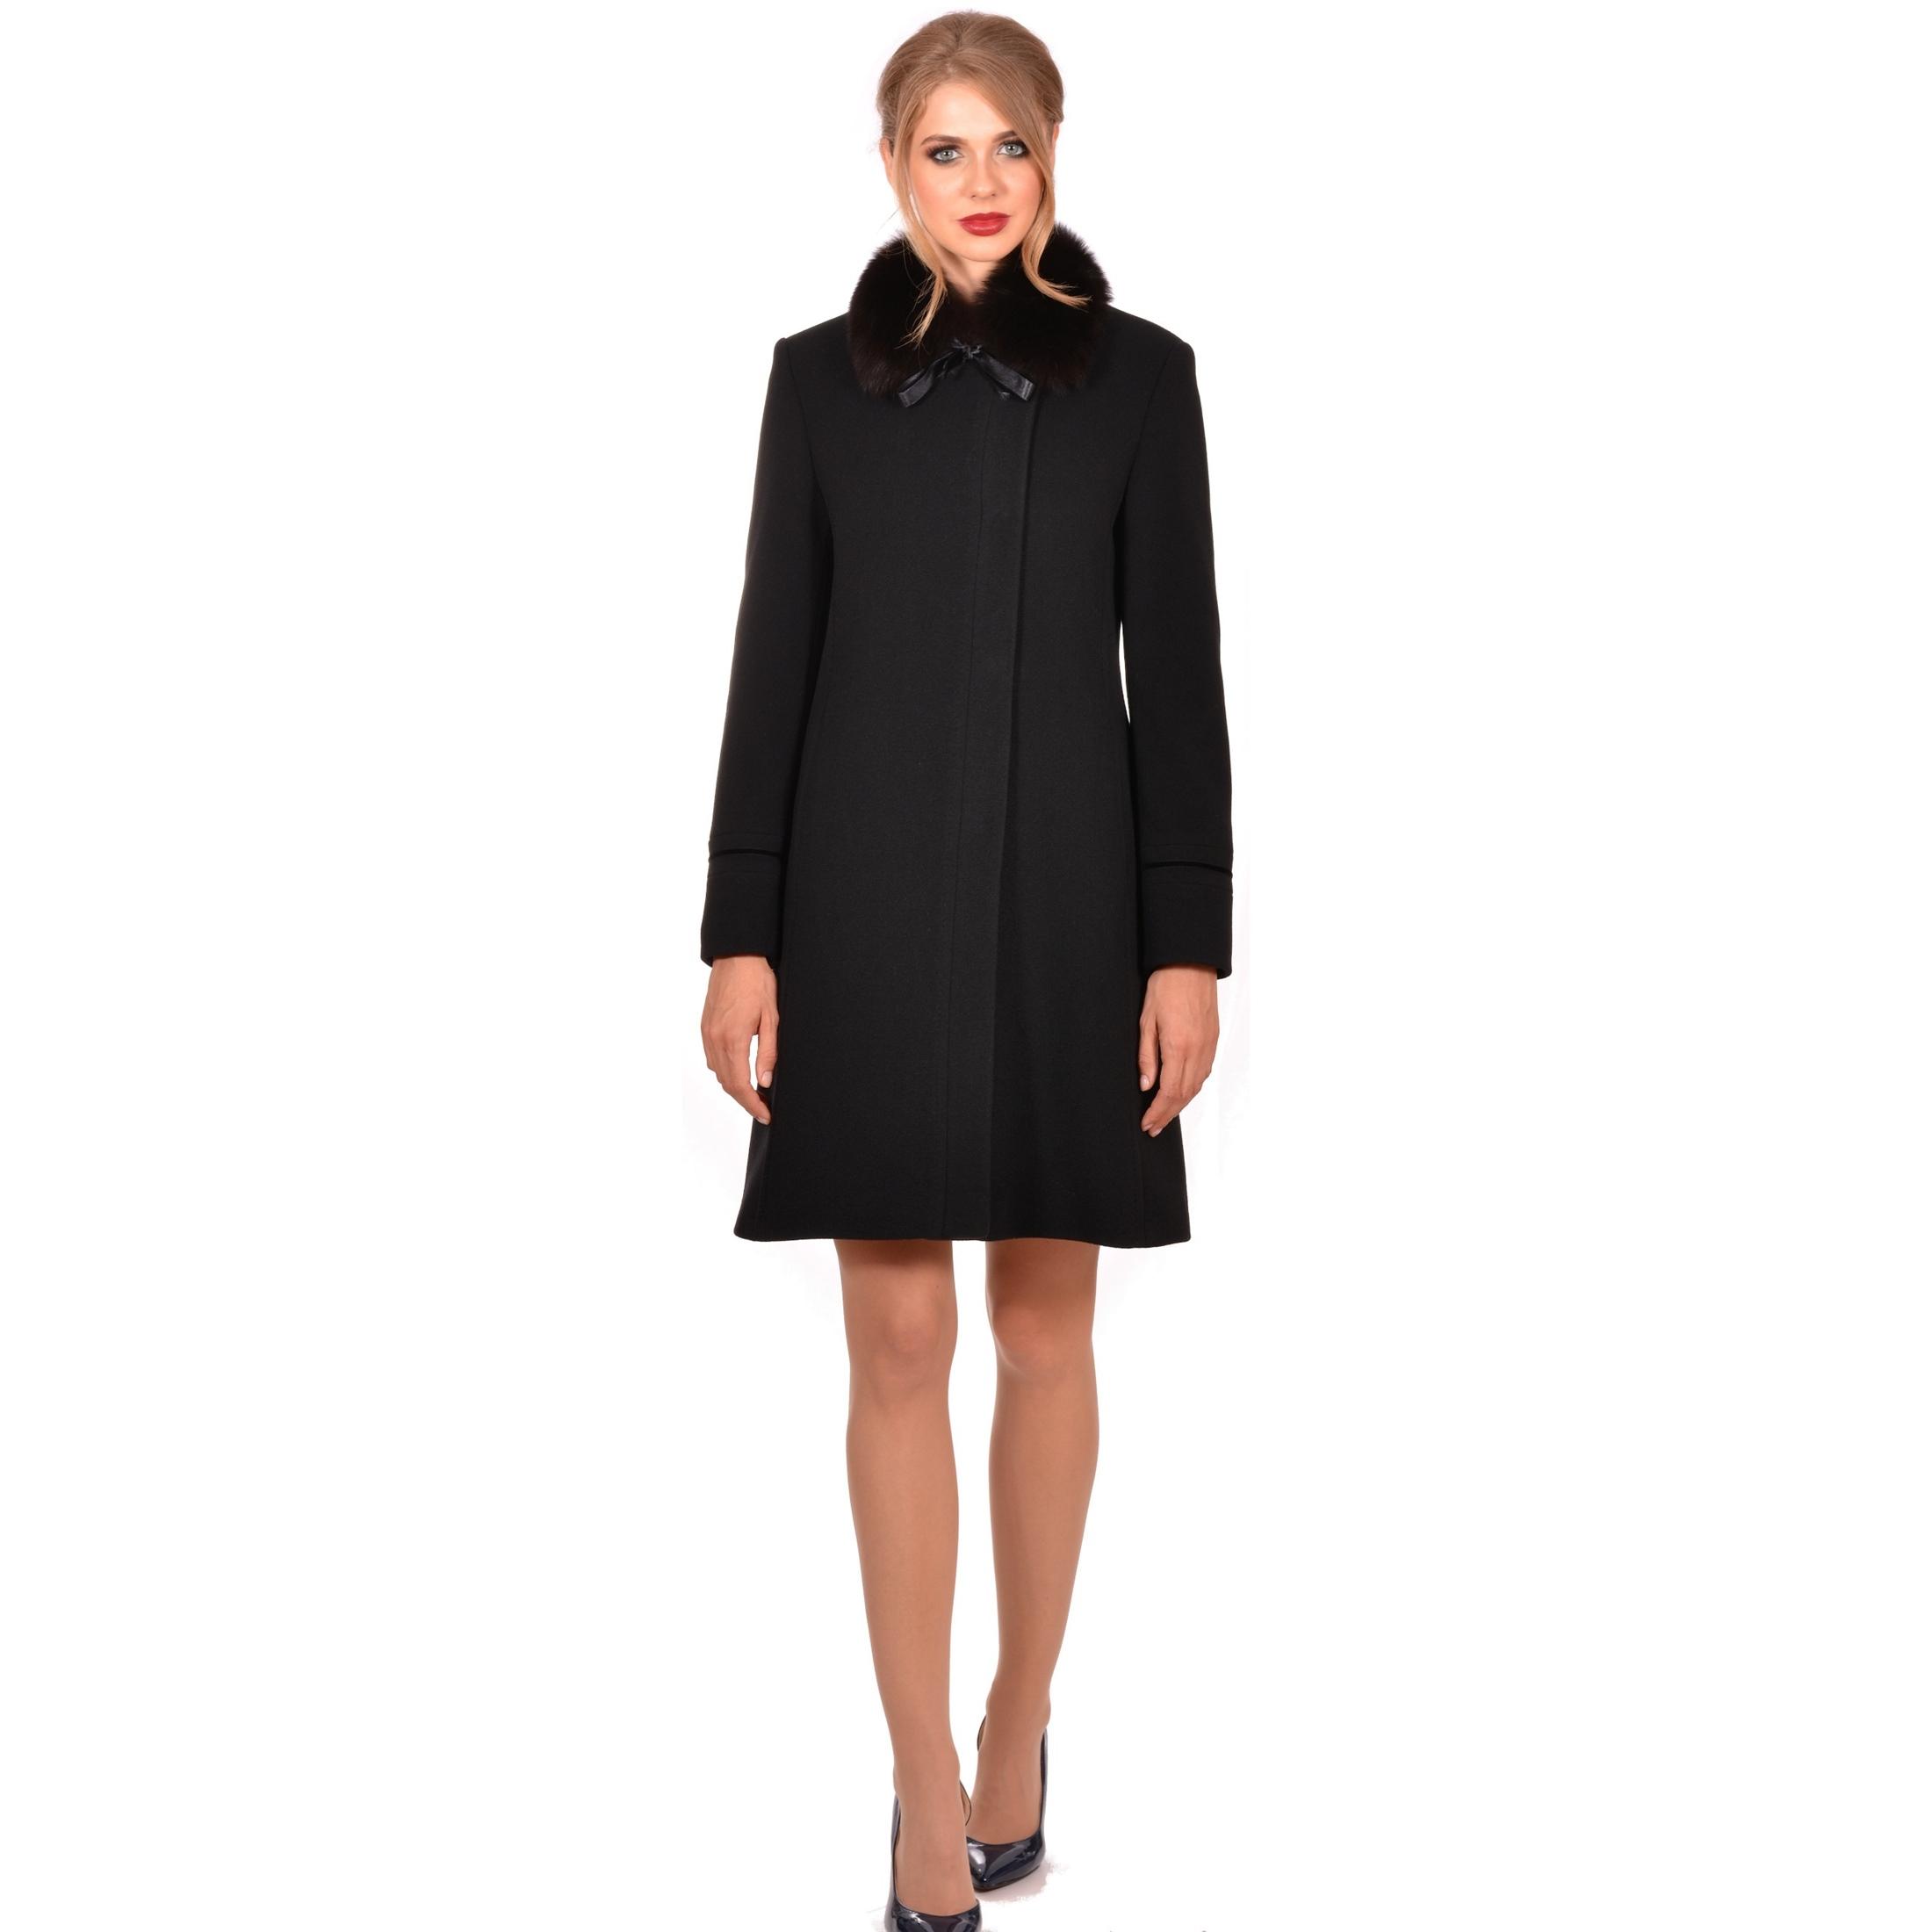 Bild von Women's Coat LADY M - LM40927